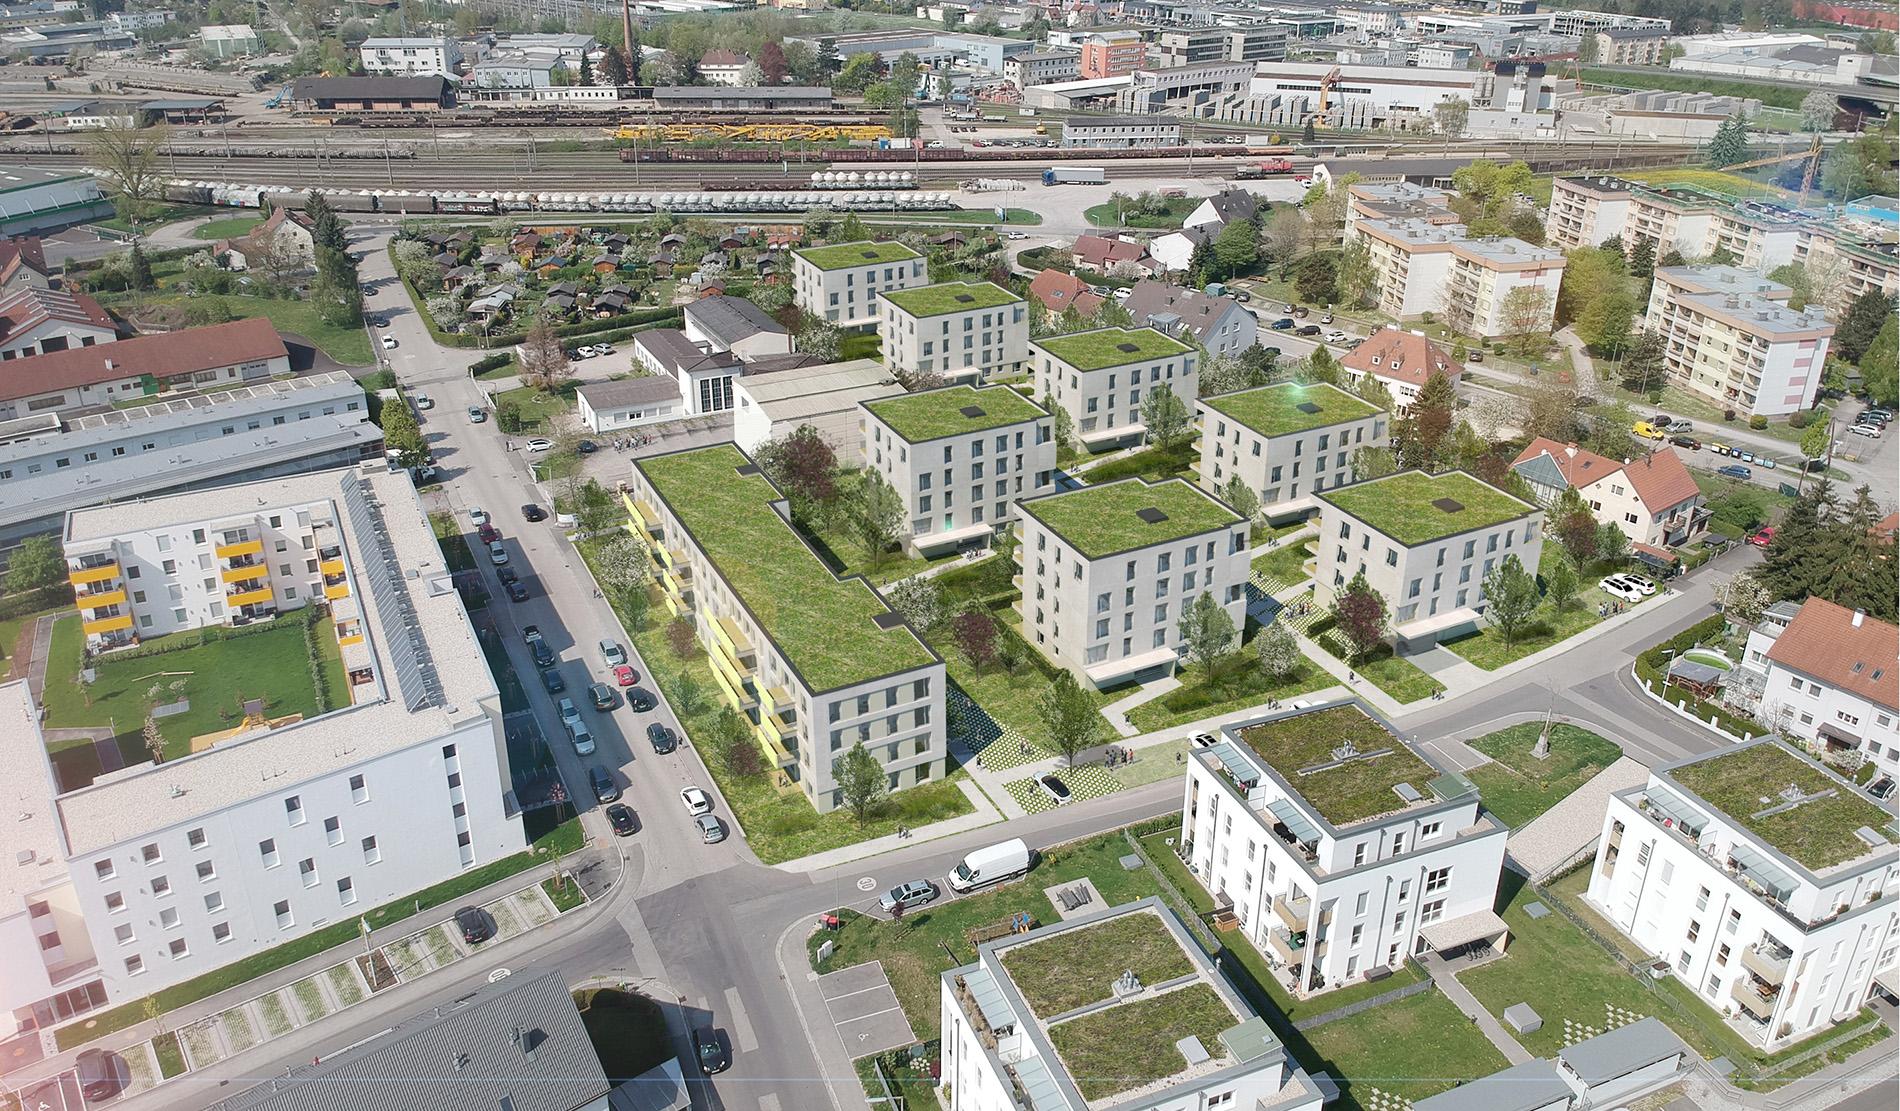 10/Architektur-Online_Löwenfeld_01.jpg